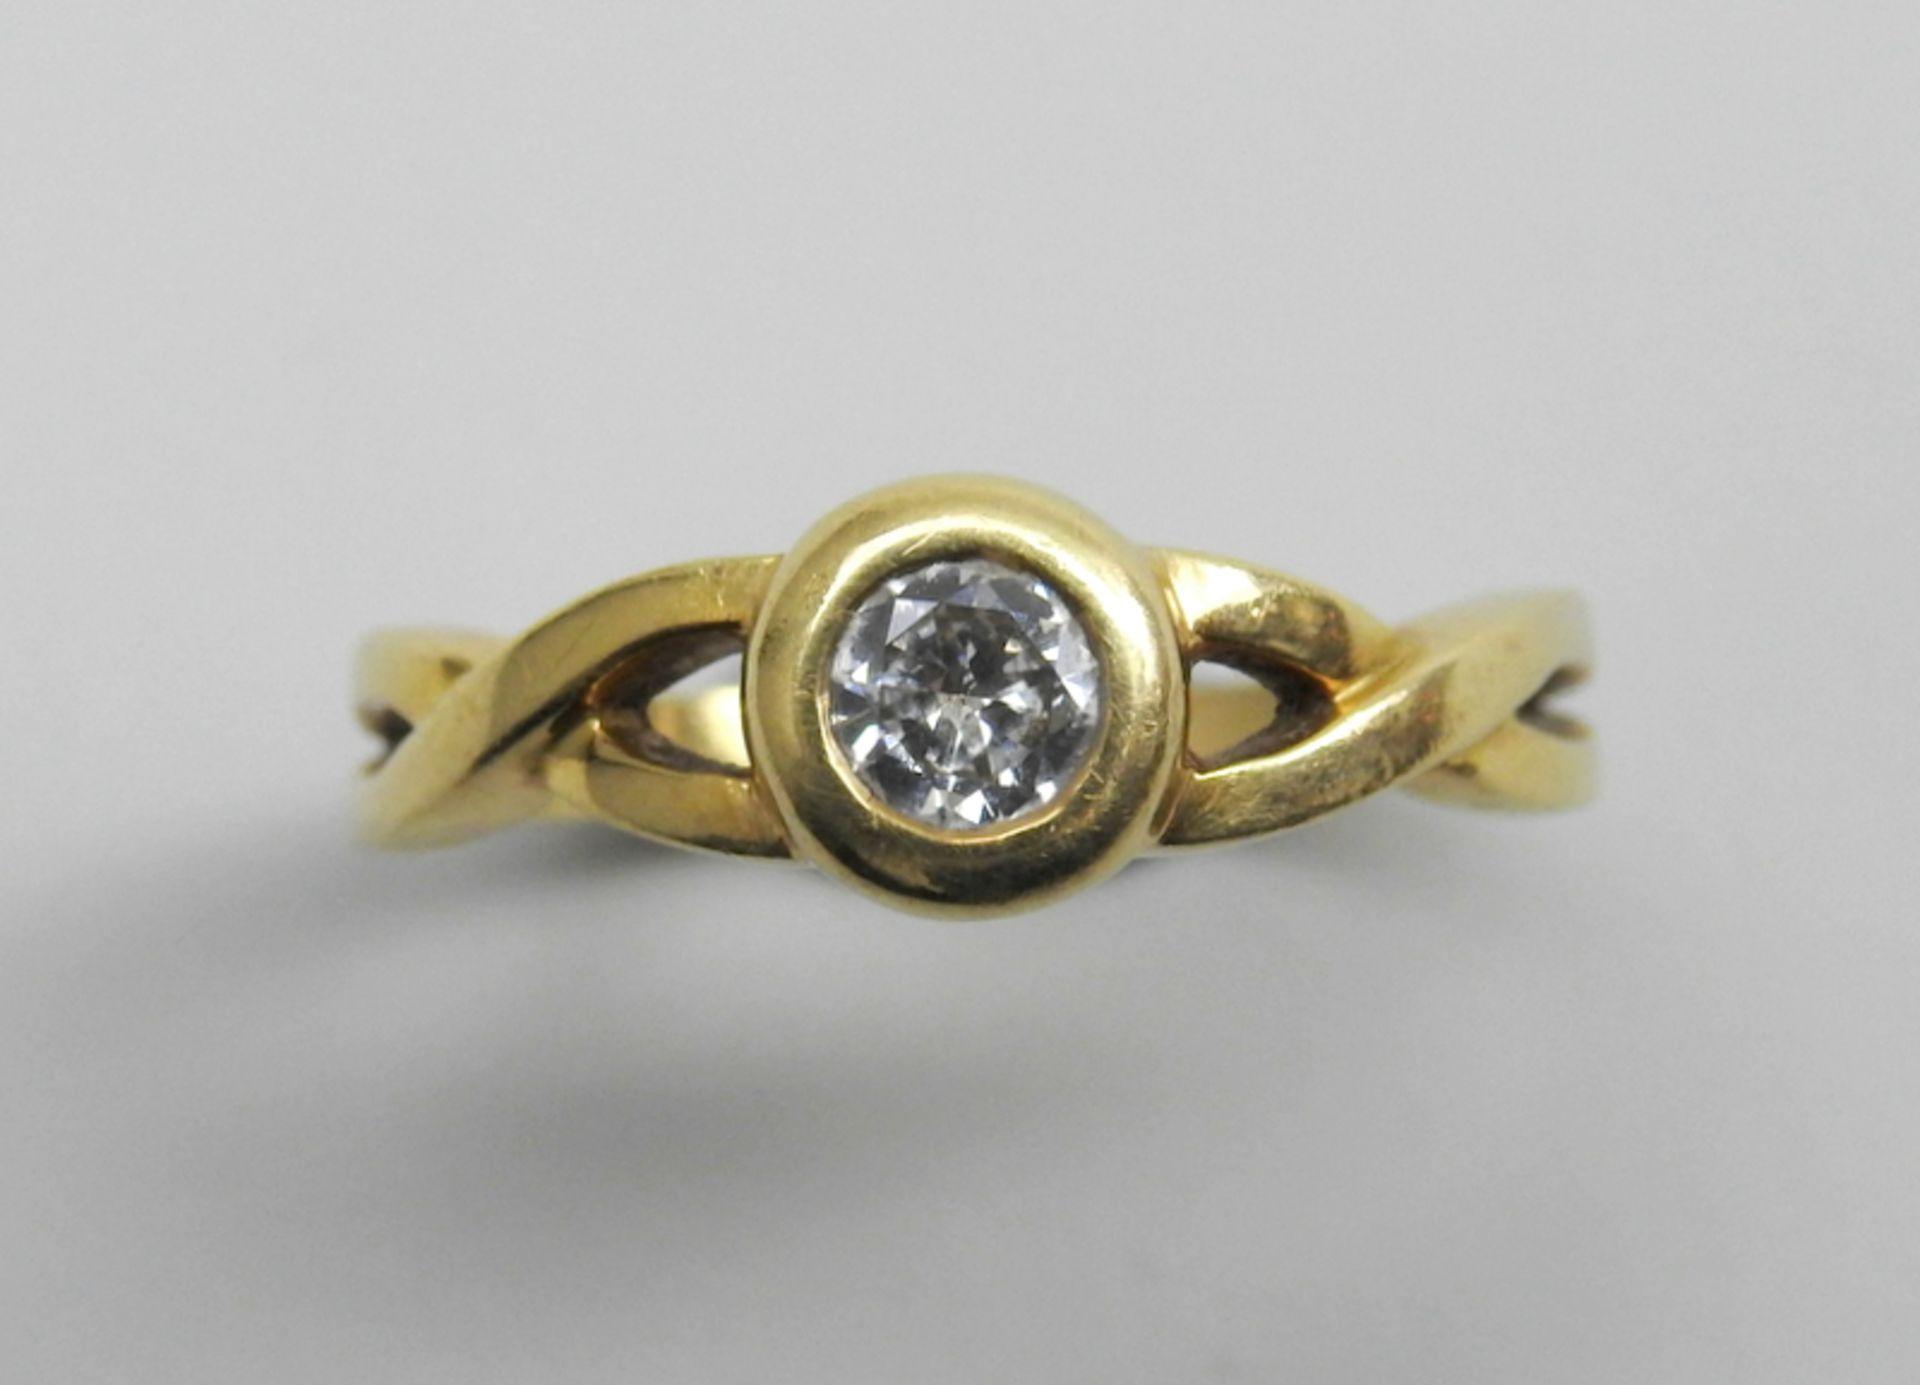 Schwerer Diamant-Ring18 K. Gelbgold. Herren-Ring mit zentralem Diamant-Besatz von ca. - Image 3 of 6